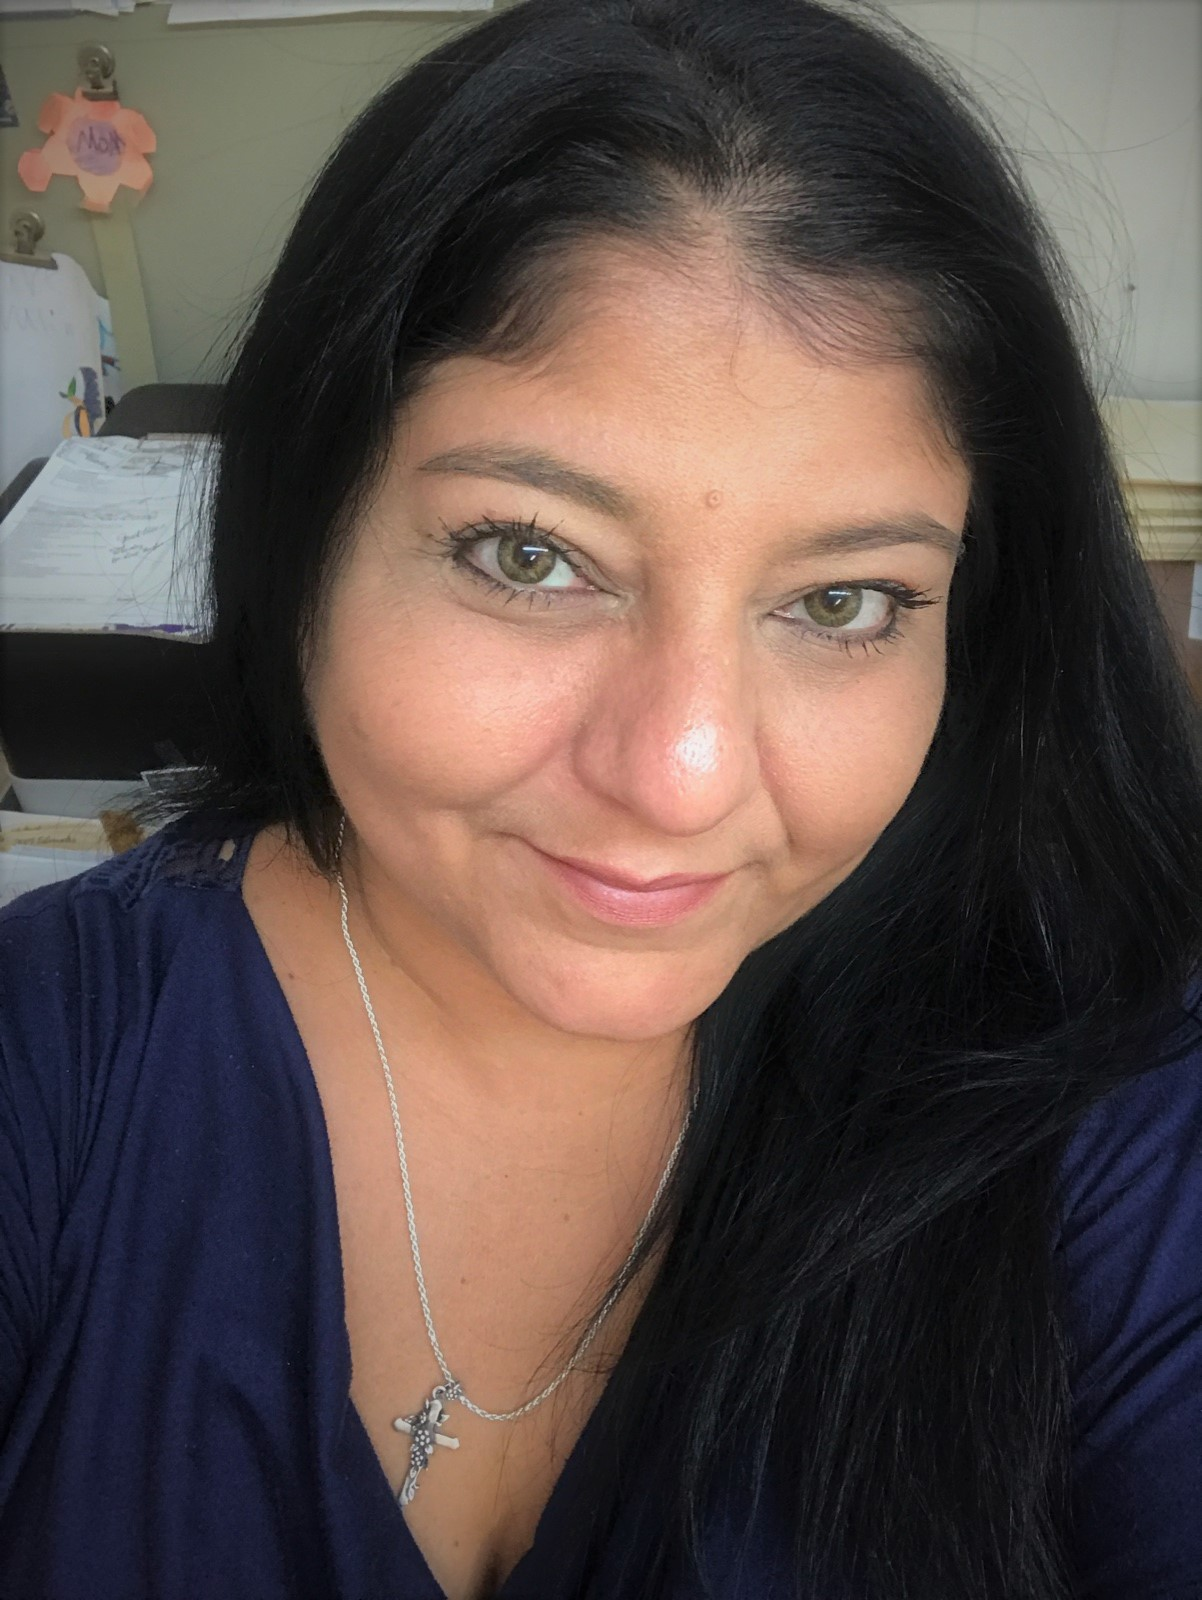 Monica Montalbo